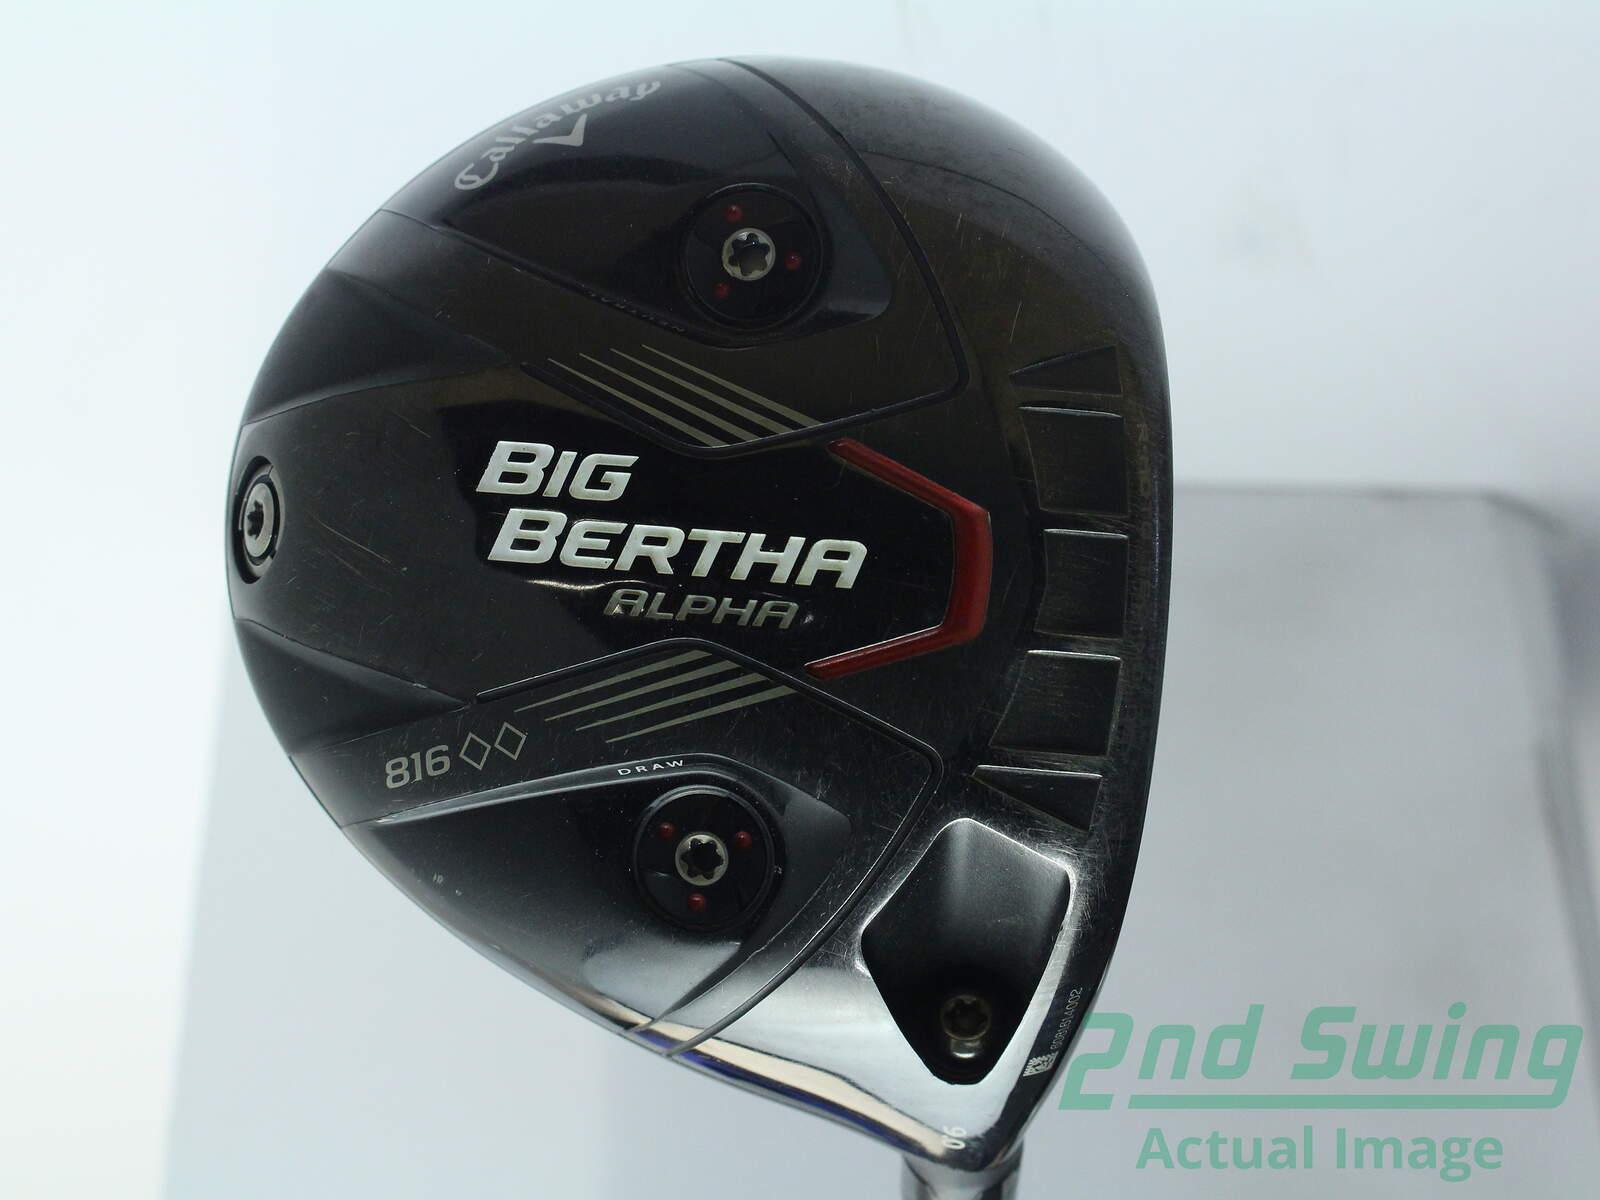 Used Callaway Big Bertha Alpha 816 Dbd Driver 9 Aldila Rogue Silver